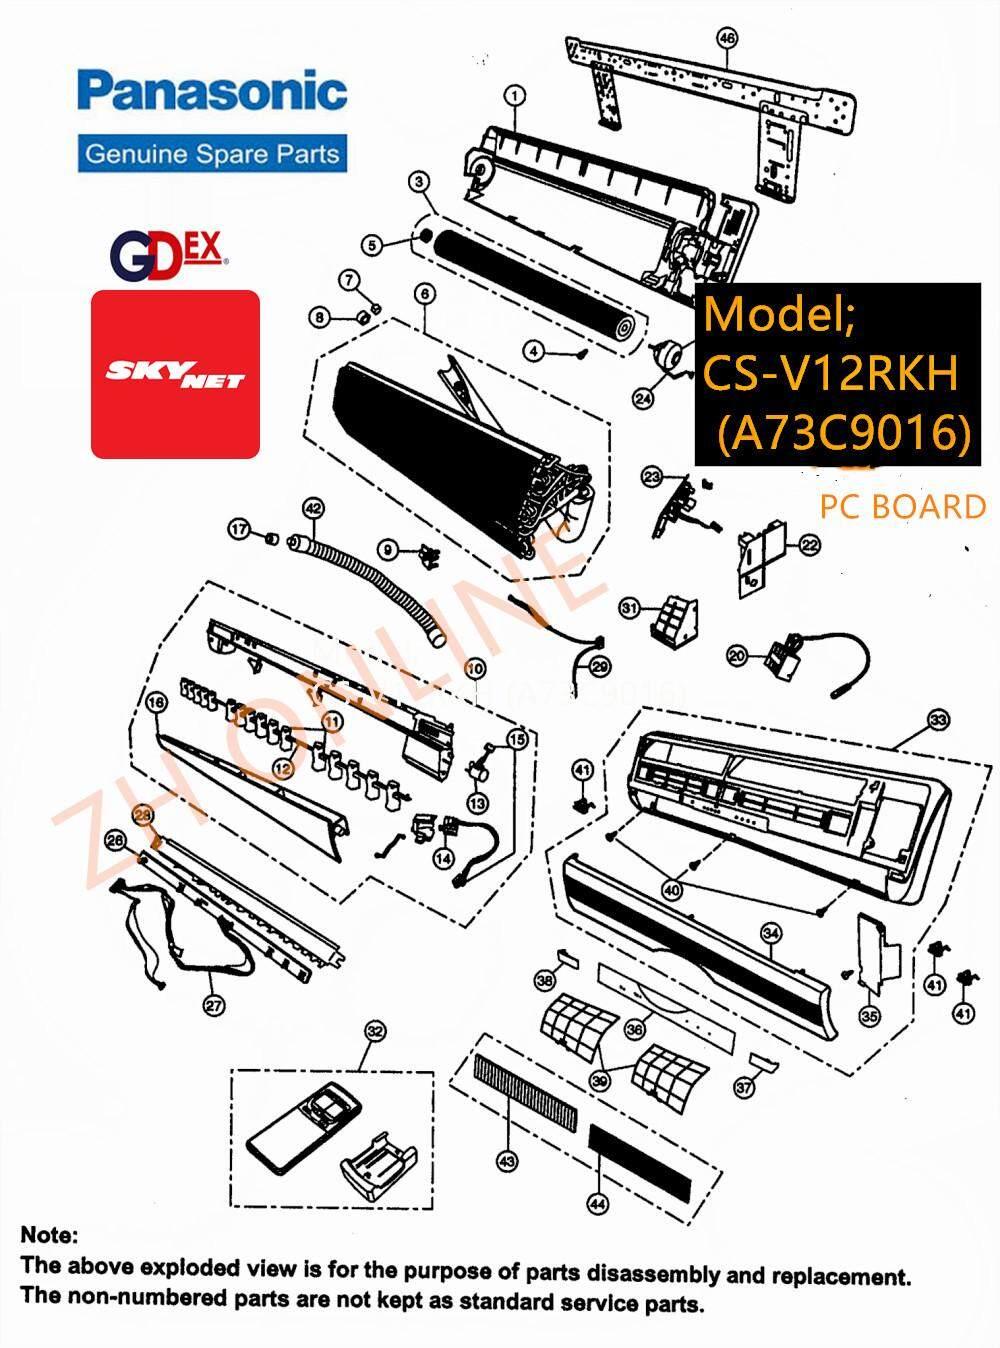 PANASONIC PC BOARD + FAN MOTOR AIR COND CS-C12MKH